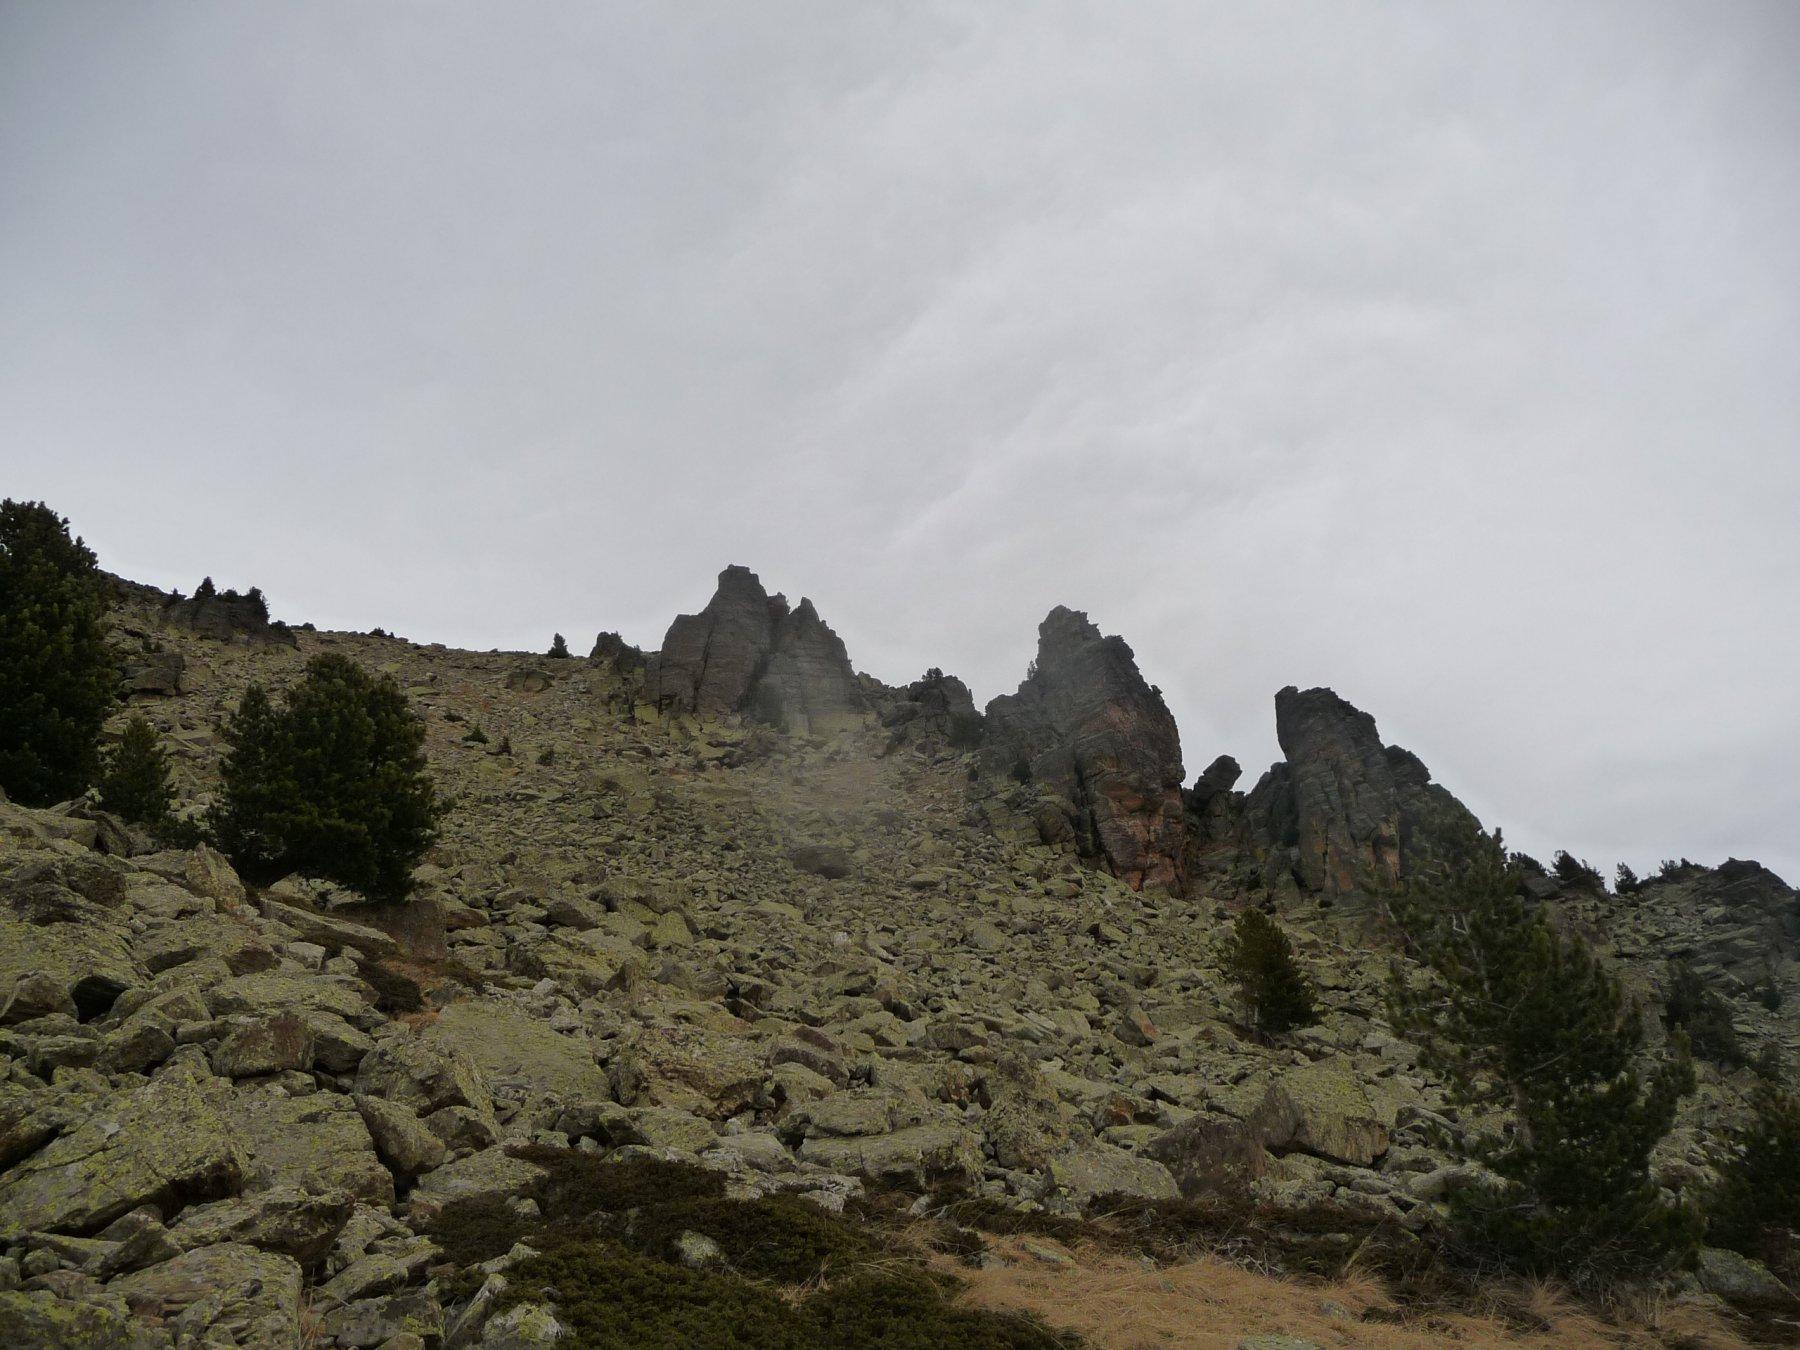 il caratteristico castello roccioso a 2500 m circa, salendo al Reisasso